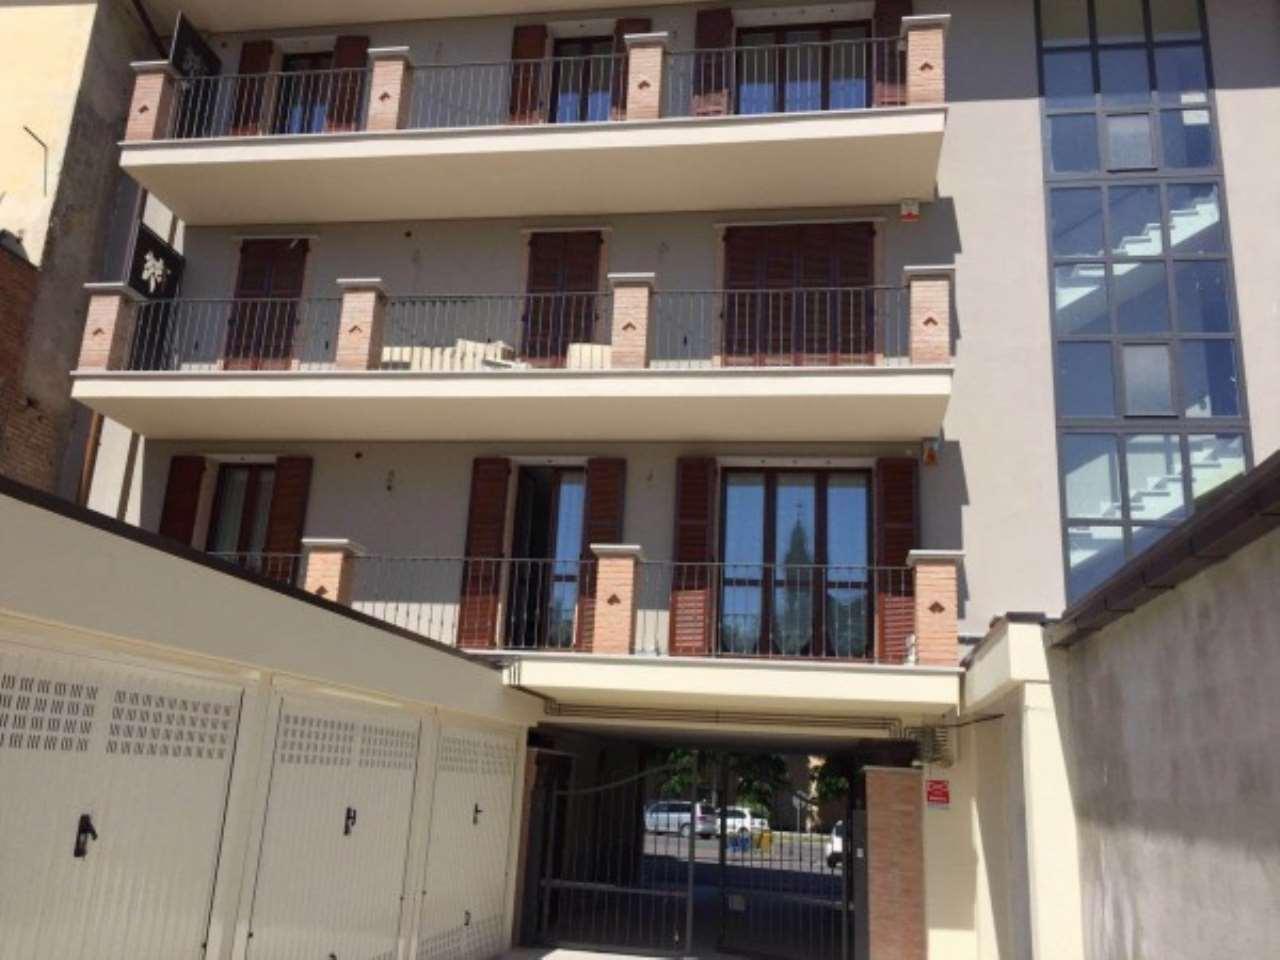 Appartamento in vendita a Tortona, 9999 locali, Trattative riservate | Cambio Casa.it